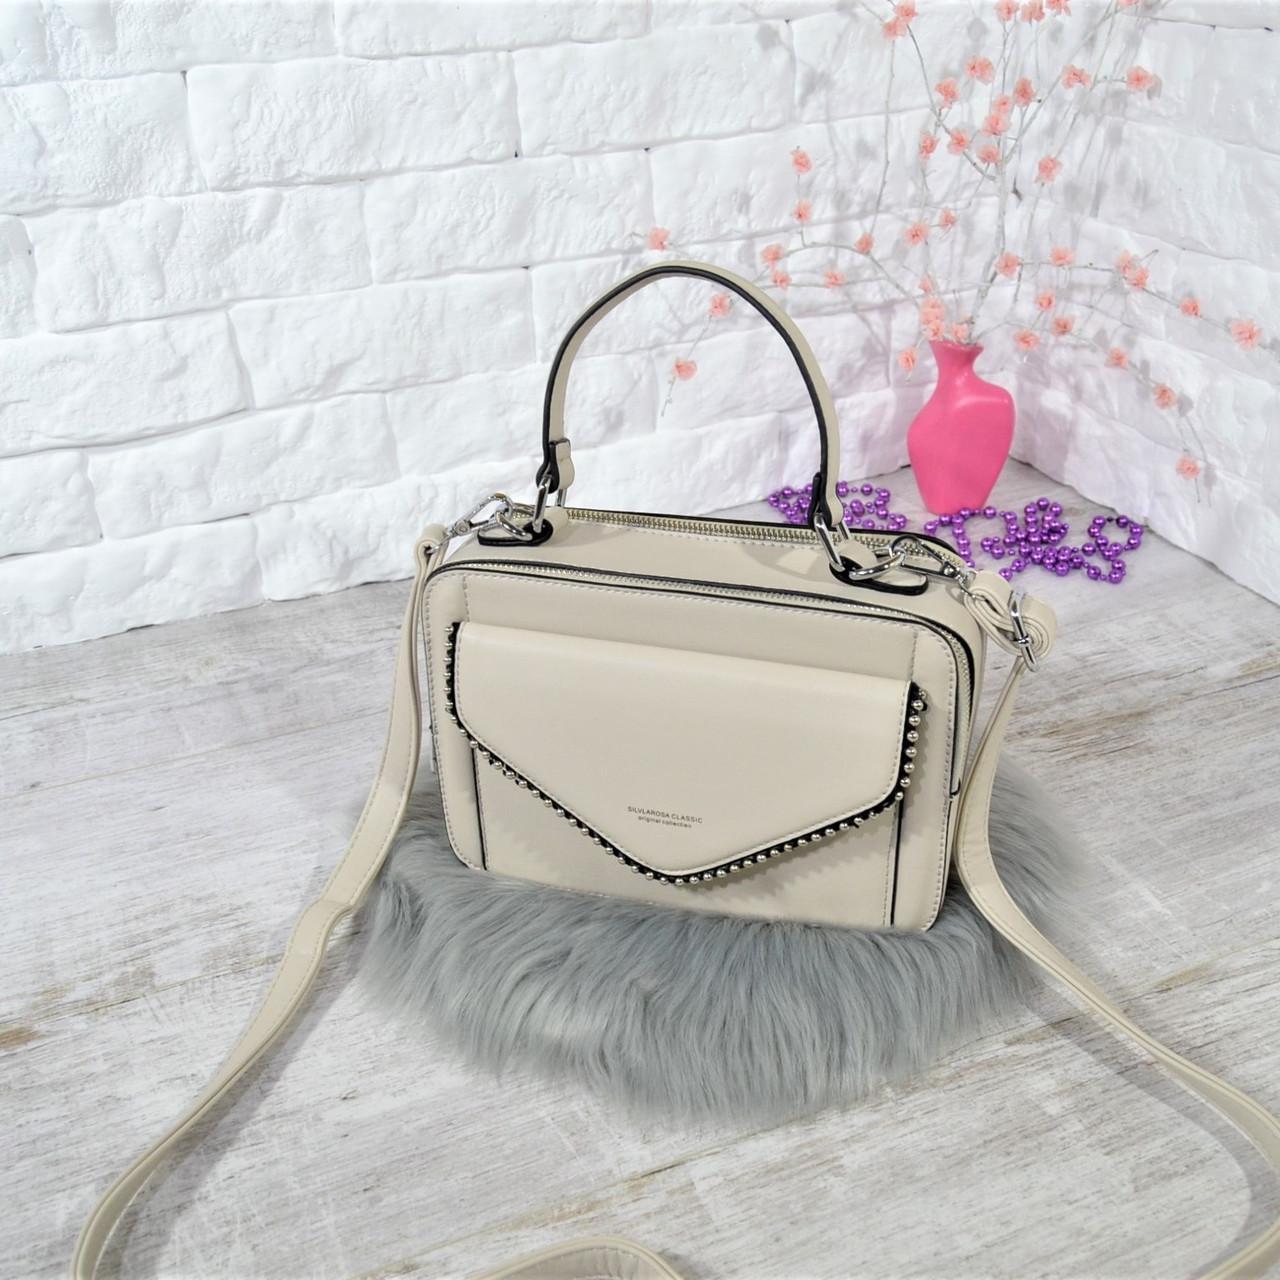 Сумка каркасная бежевая женская Женская сумка Сумка для девушки Модная женская сумка